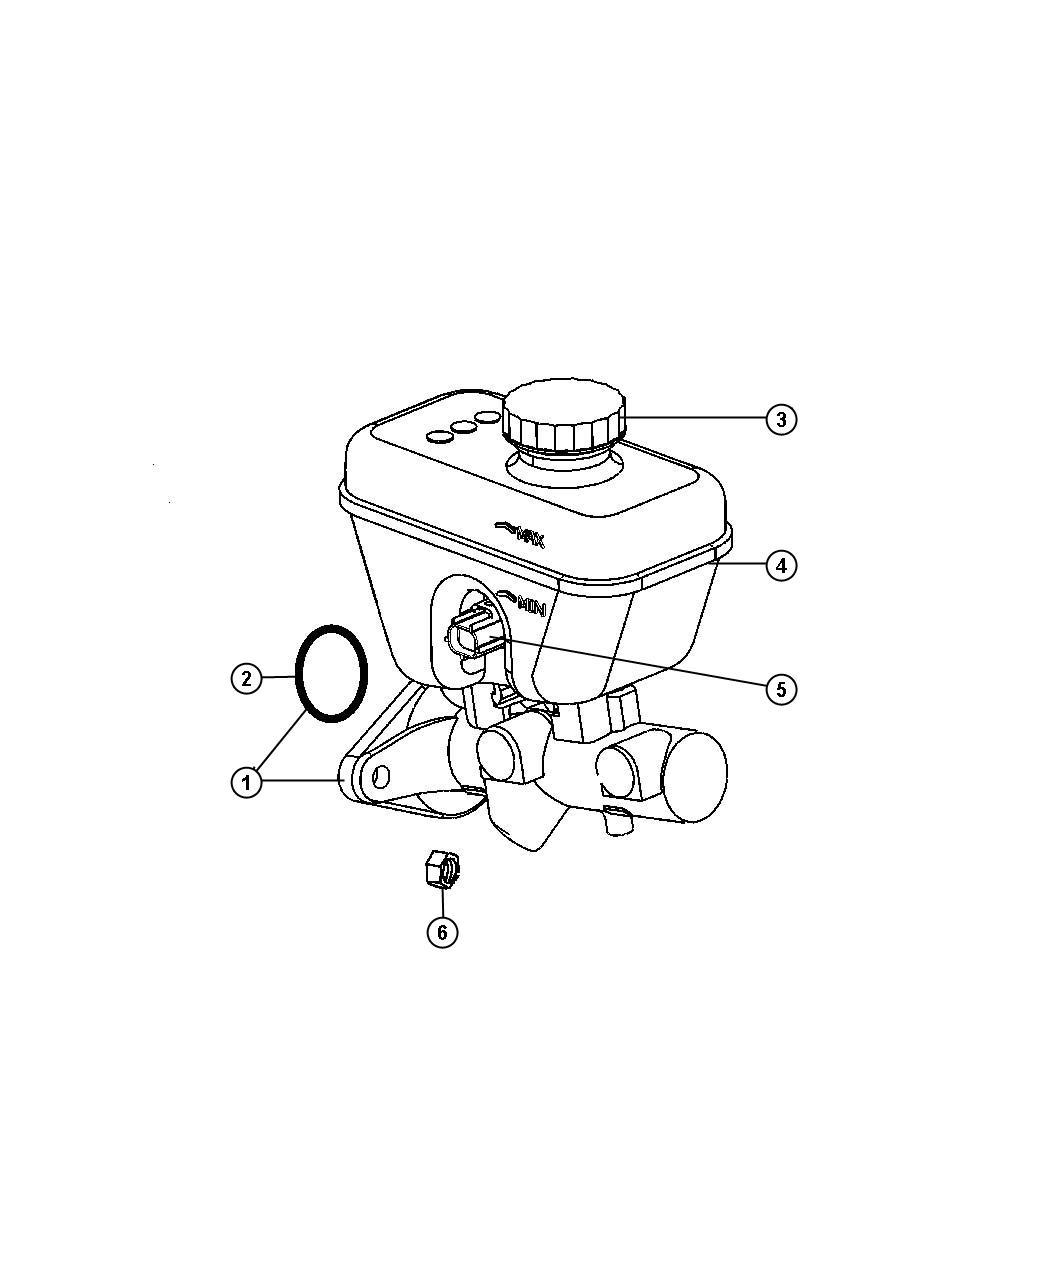 2006 Jeep Commander Reservoir. Brake master cylinder